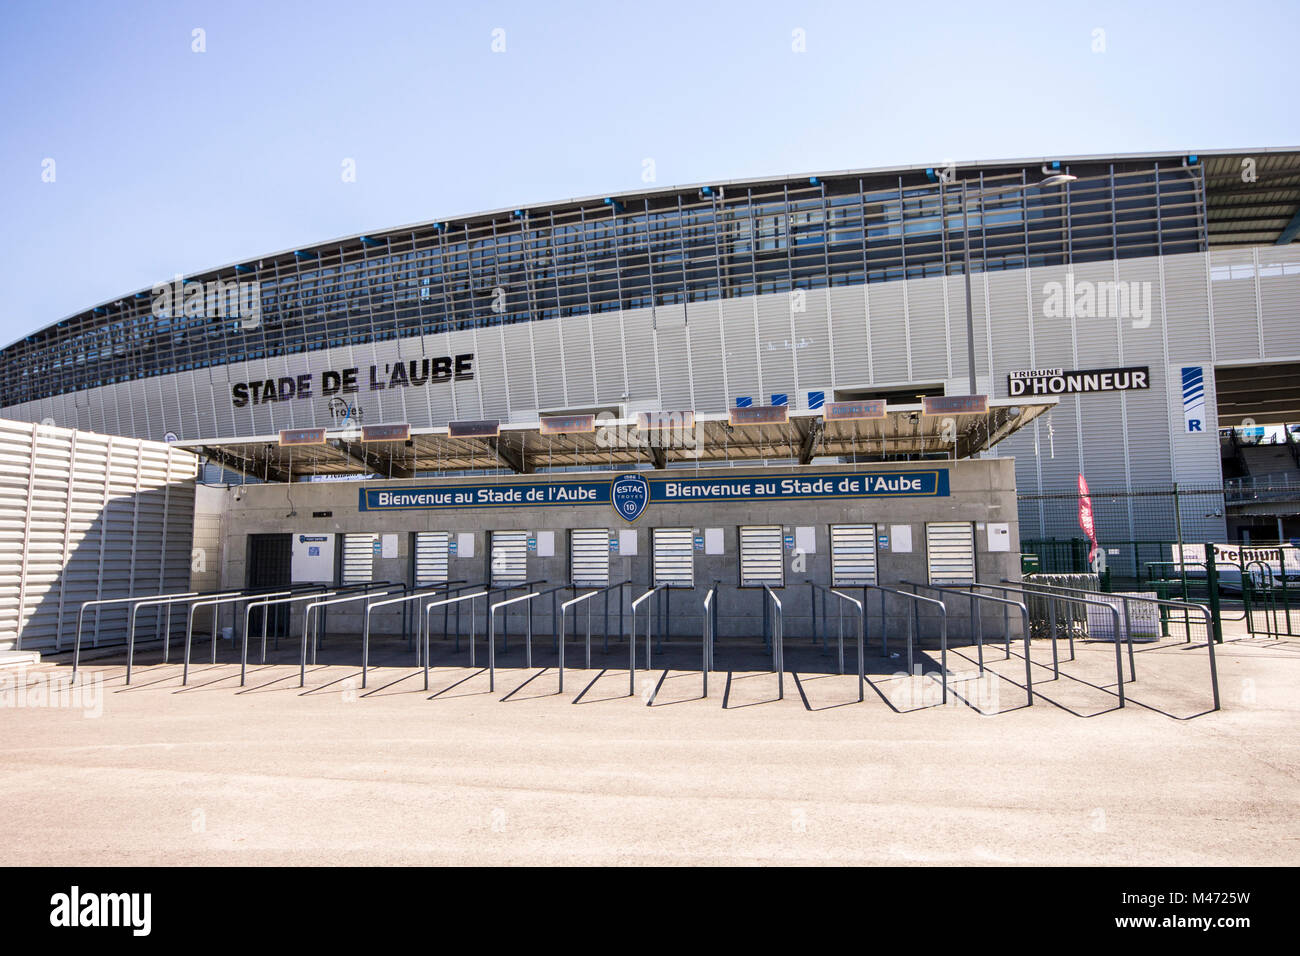 El Stade de l'Aube, un estadio multiuso en Troyes, Francia, que actualmente se utiliza principalmente para partidos Imagen De Stock